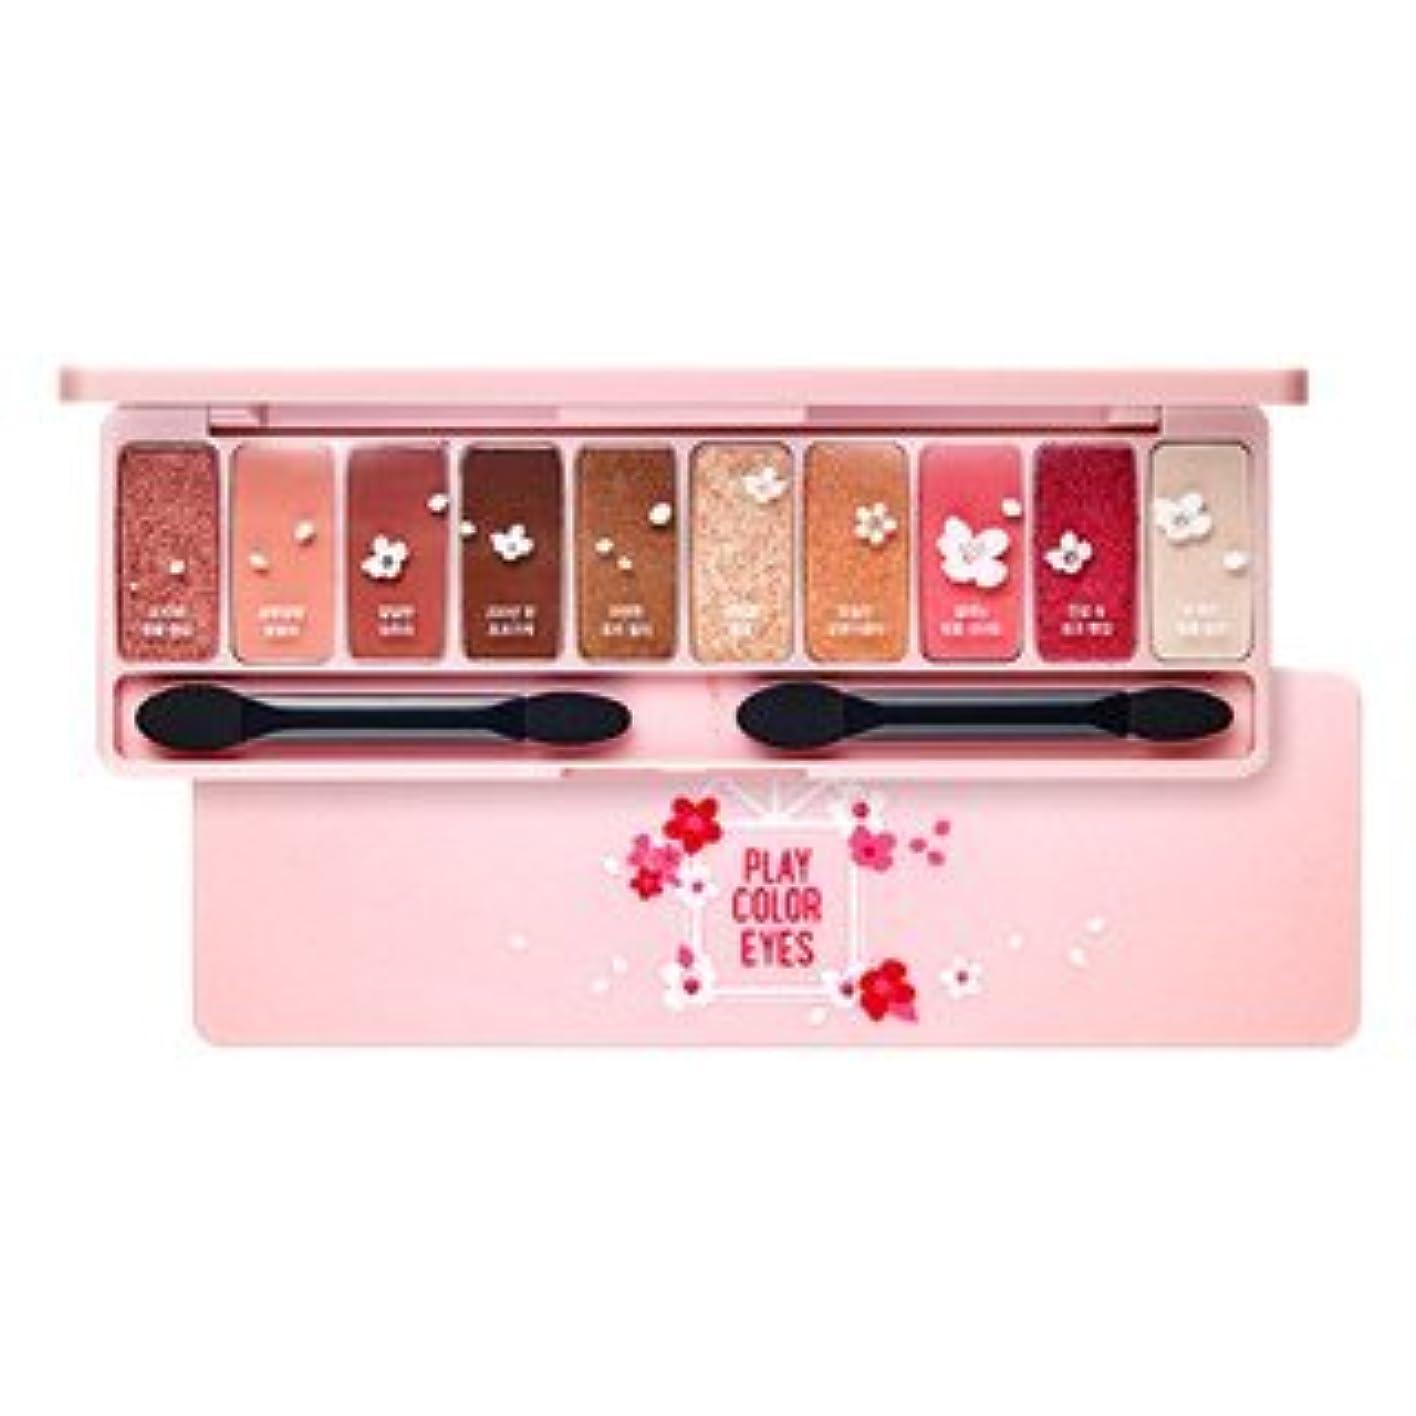 宝石構成国際ETUDE HOUSE Play Color Eyes Cherry Blossom / エチュードハウス プレイカラーアイズチェリーブロッサム 1g x10